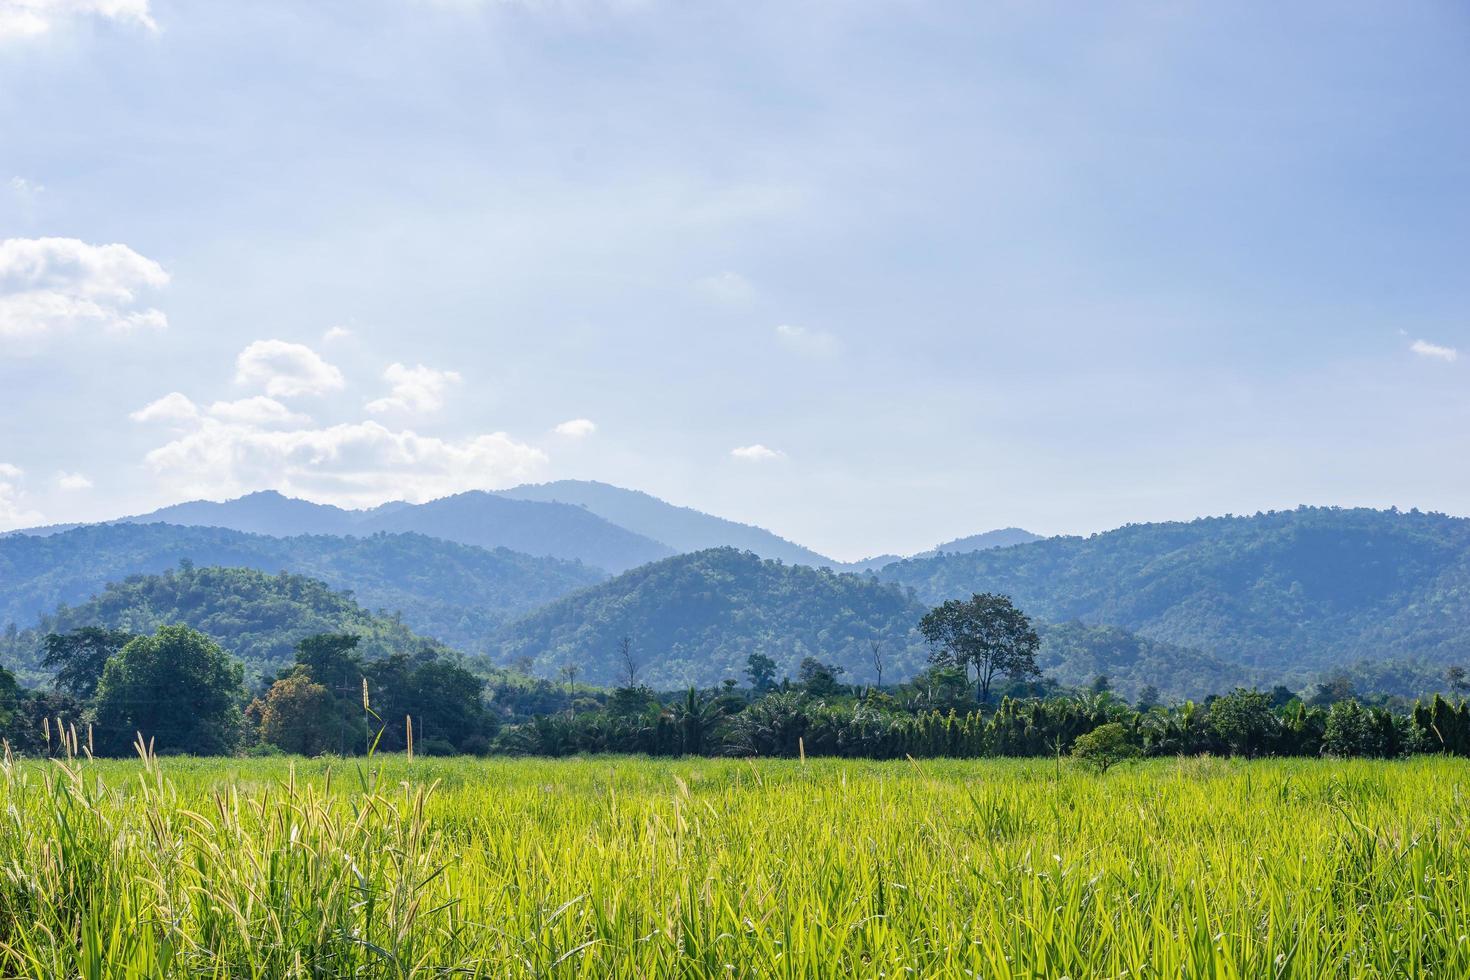 montagne et champ vert à la campagne photo